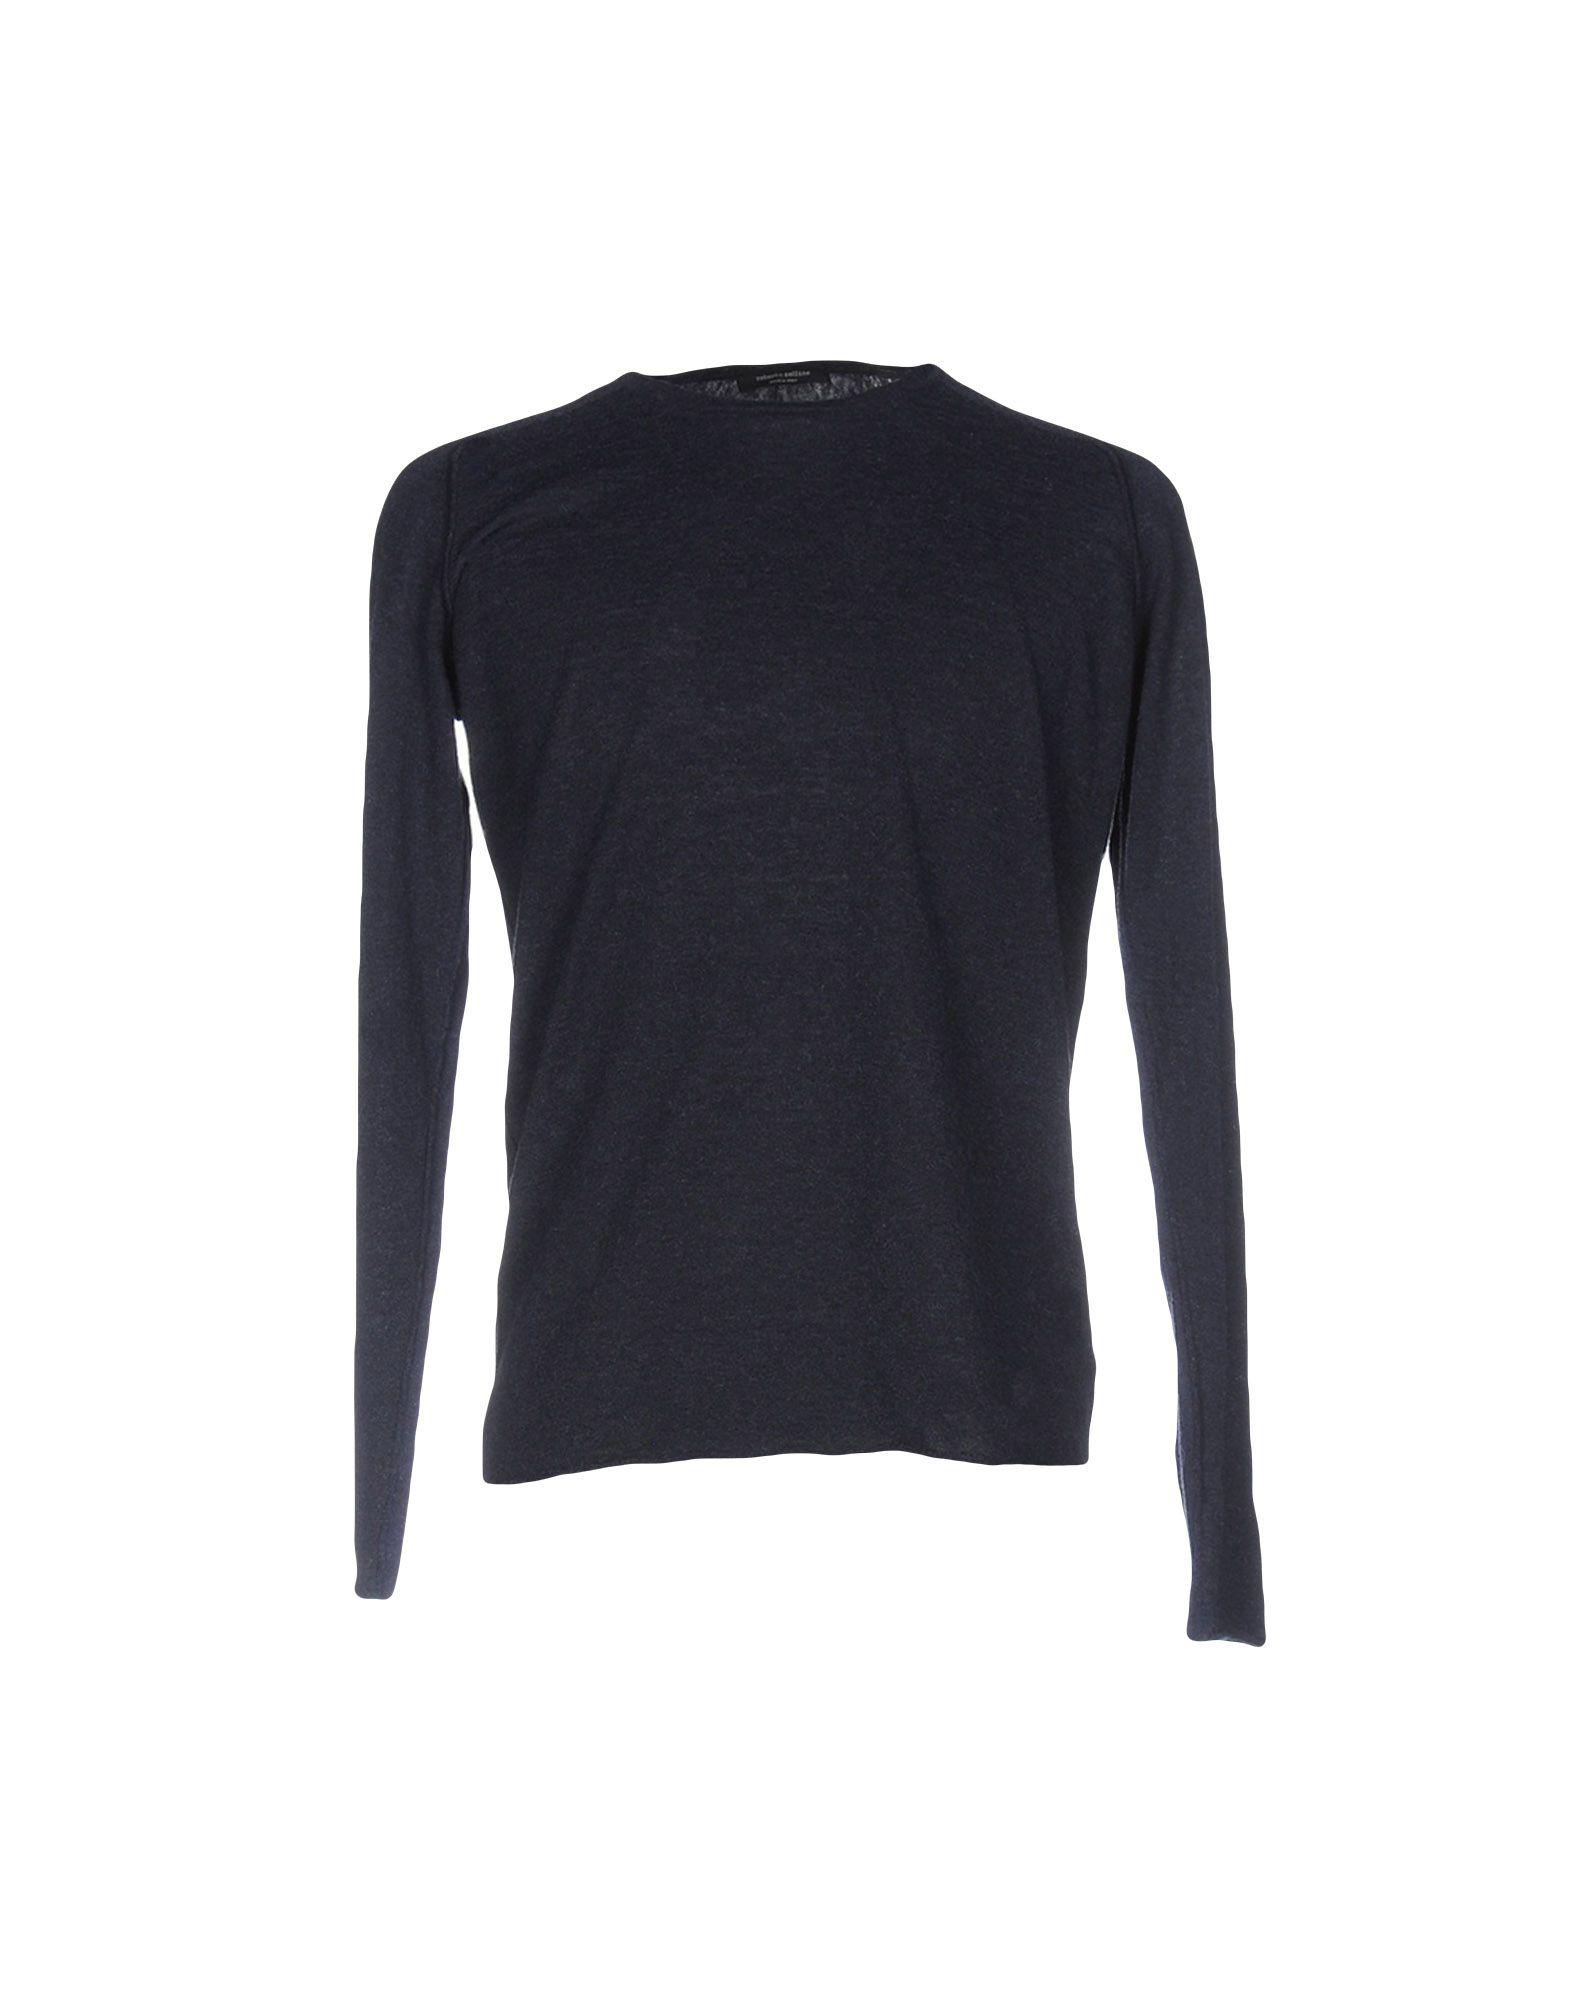 ROBERTO COLLINA Herren Pullover Farbe Dunkelblau Größe 5 jetztbilligerkaufen